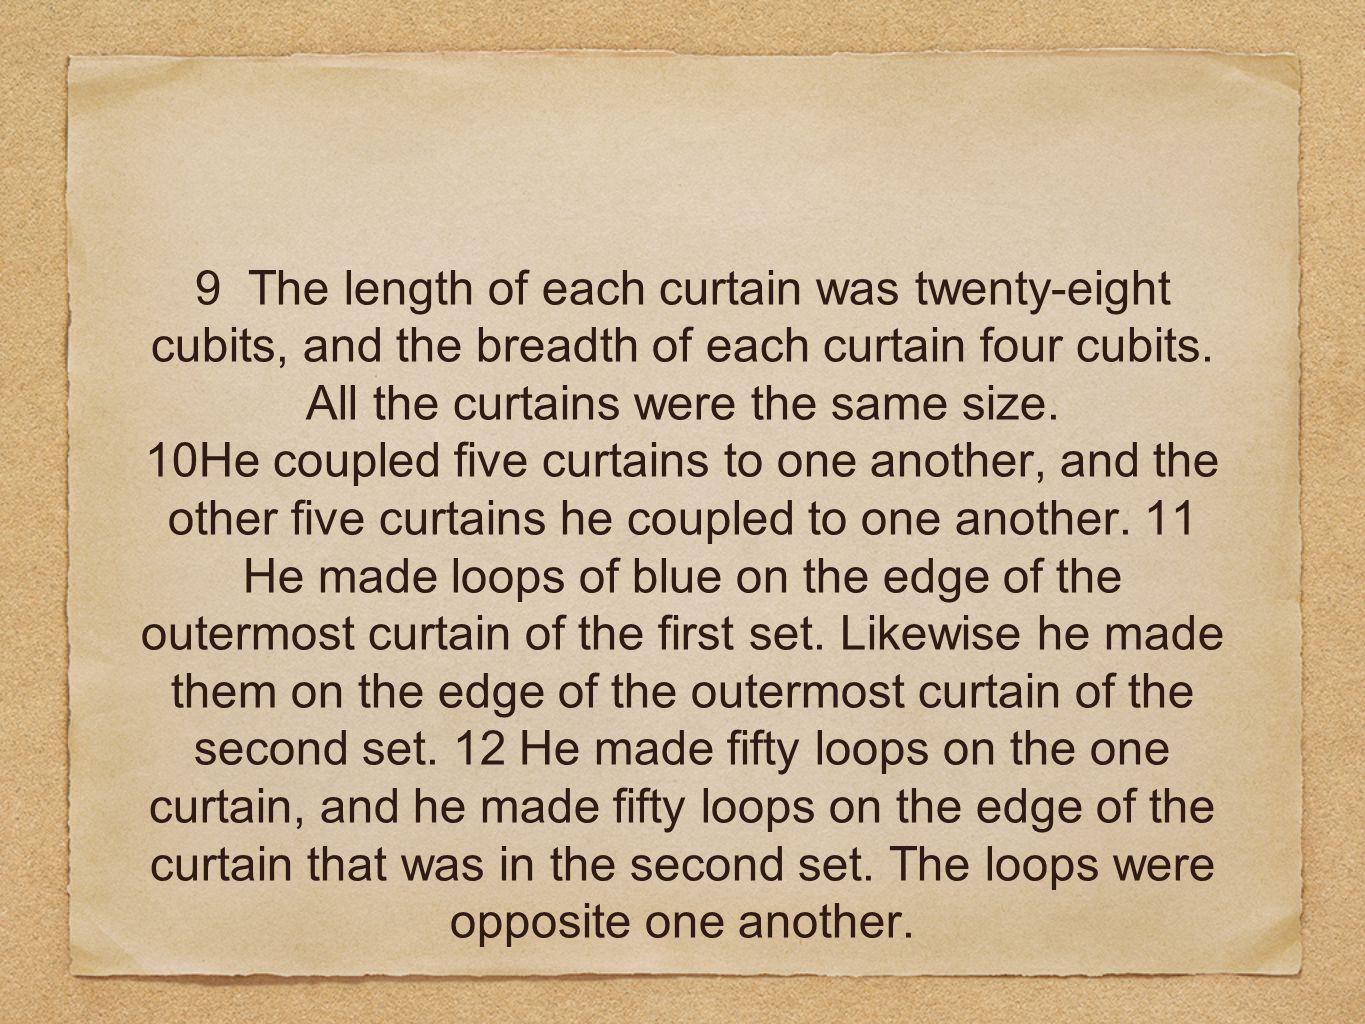 9 The length of each curtain was twenty-eight cubits, and the breadth of each curtain four cubits.